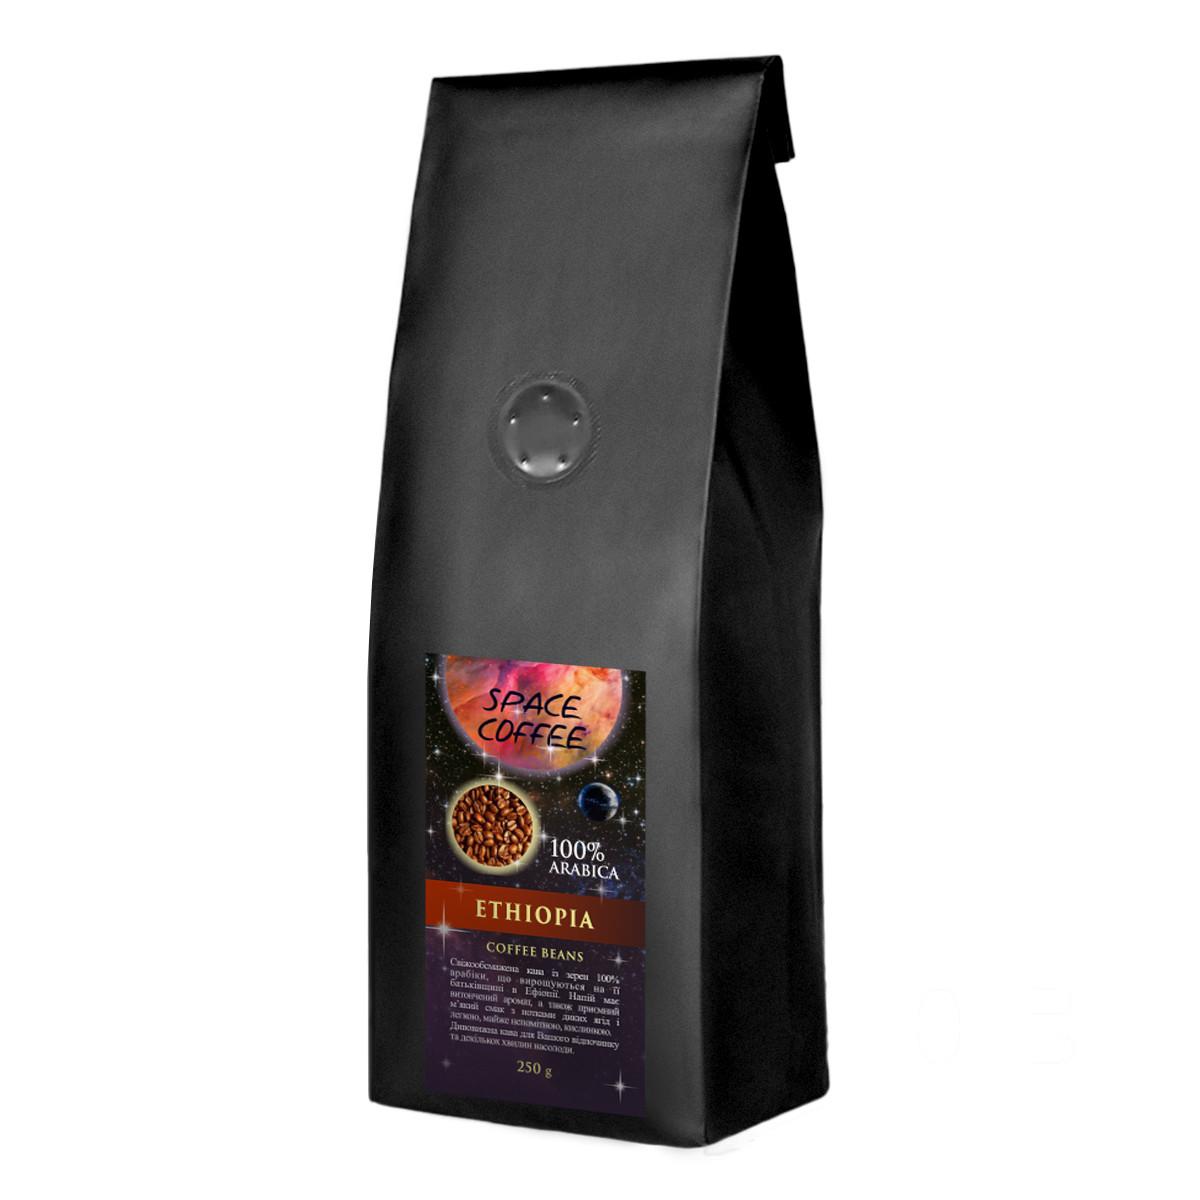 Свежеобжаренный кофе в зернах Space Coffee Ethiopia 100% арабика 250 грамм